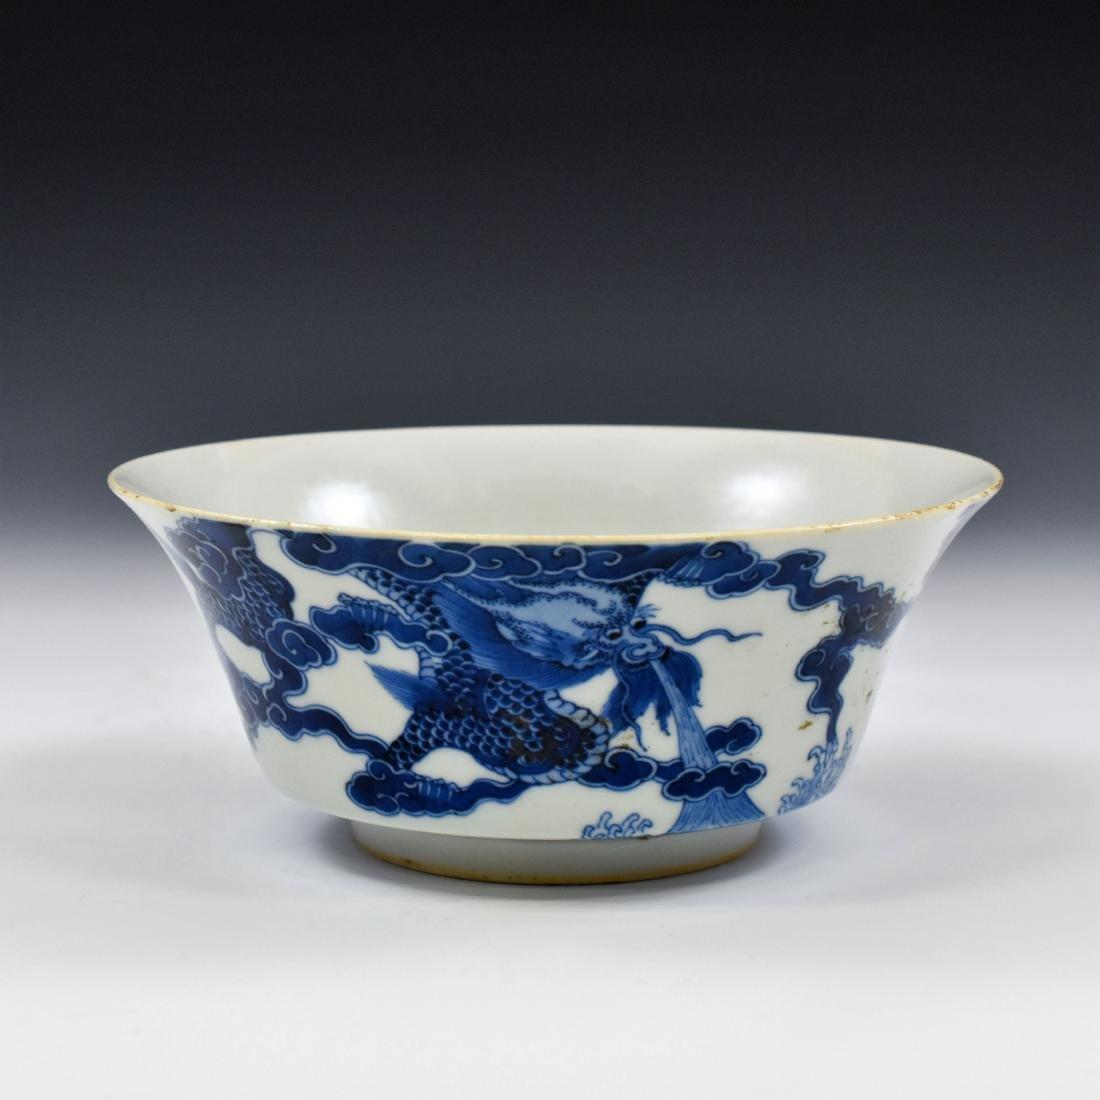 KANGXI BLUE & WHITE DRAGON BOWL